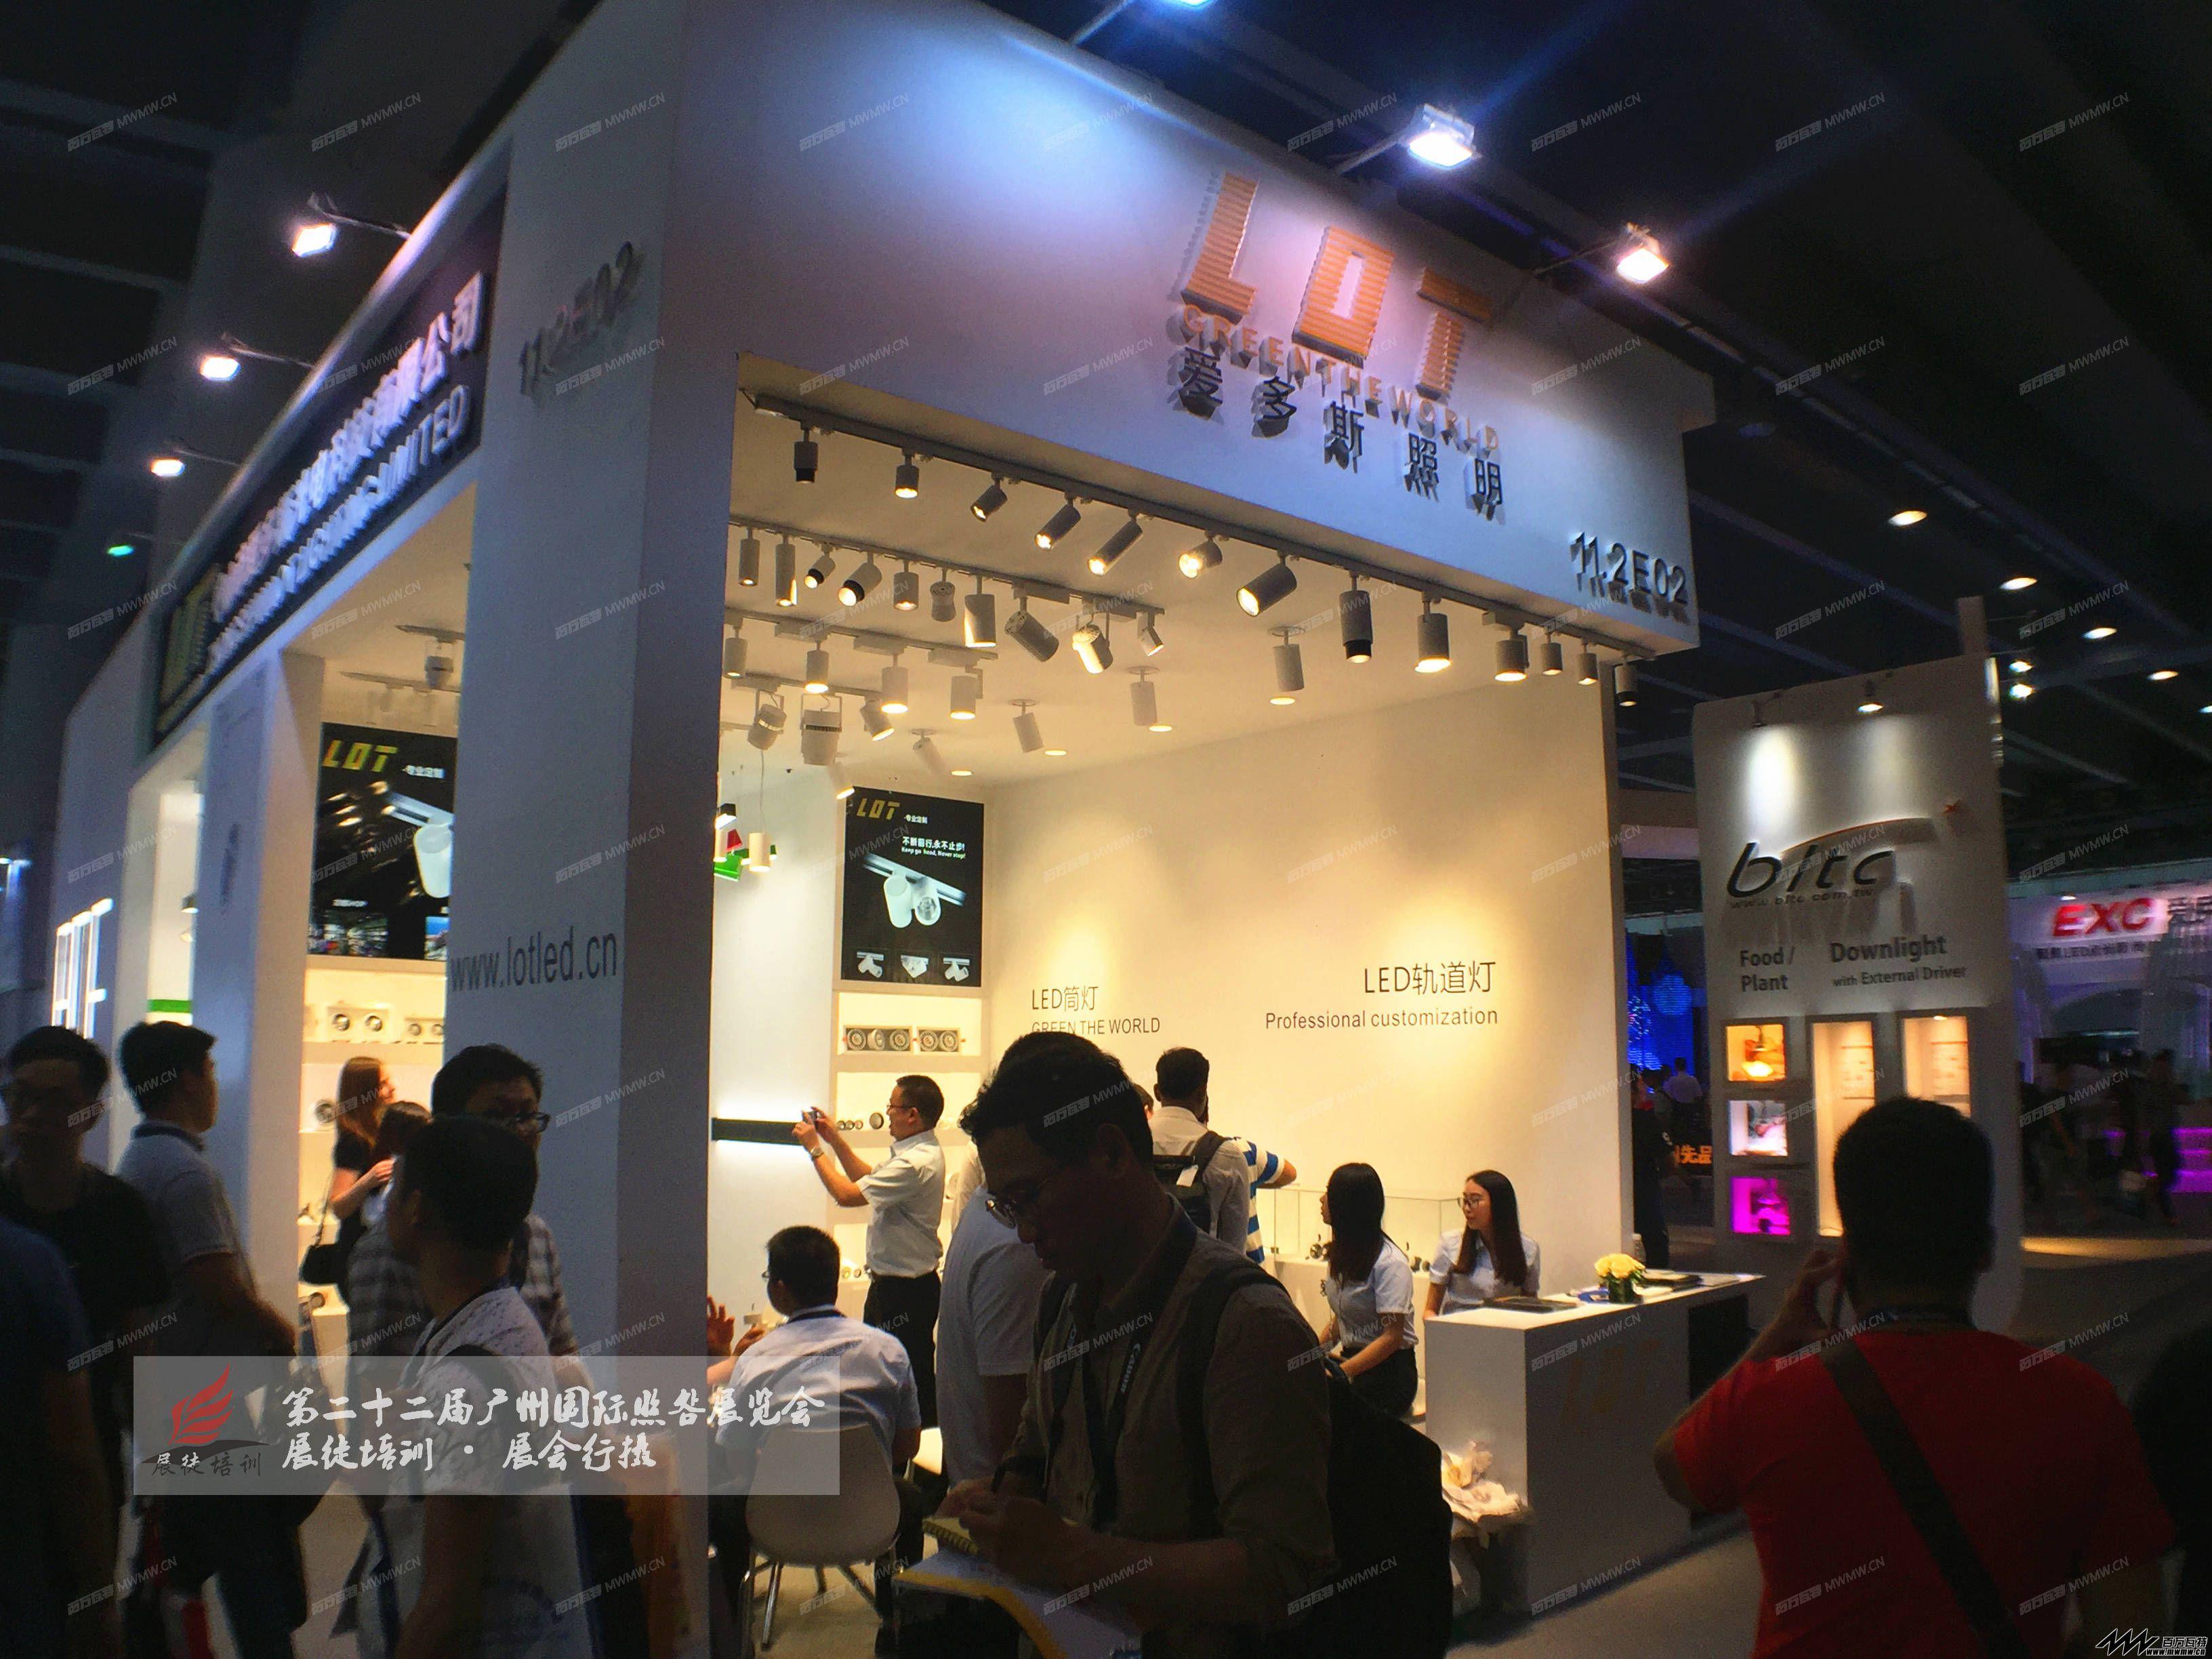 第二十二届广州国际照明展览会-展徒培训·展会行摄 (24).jpg